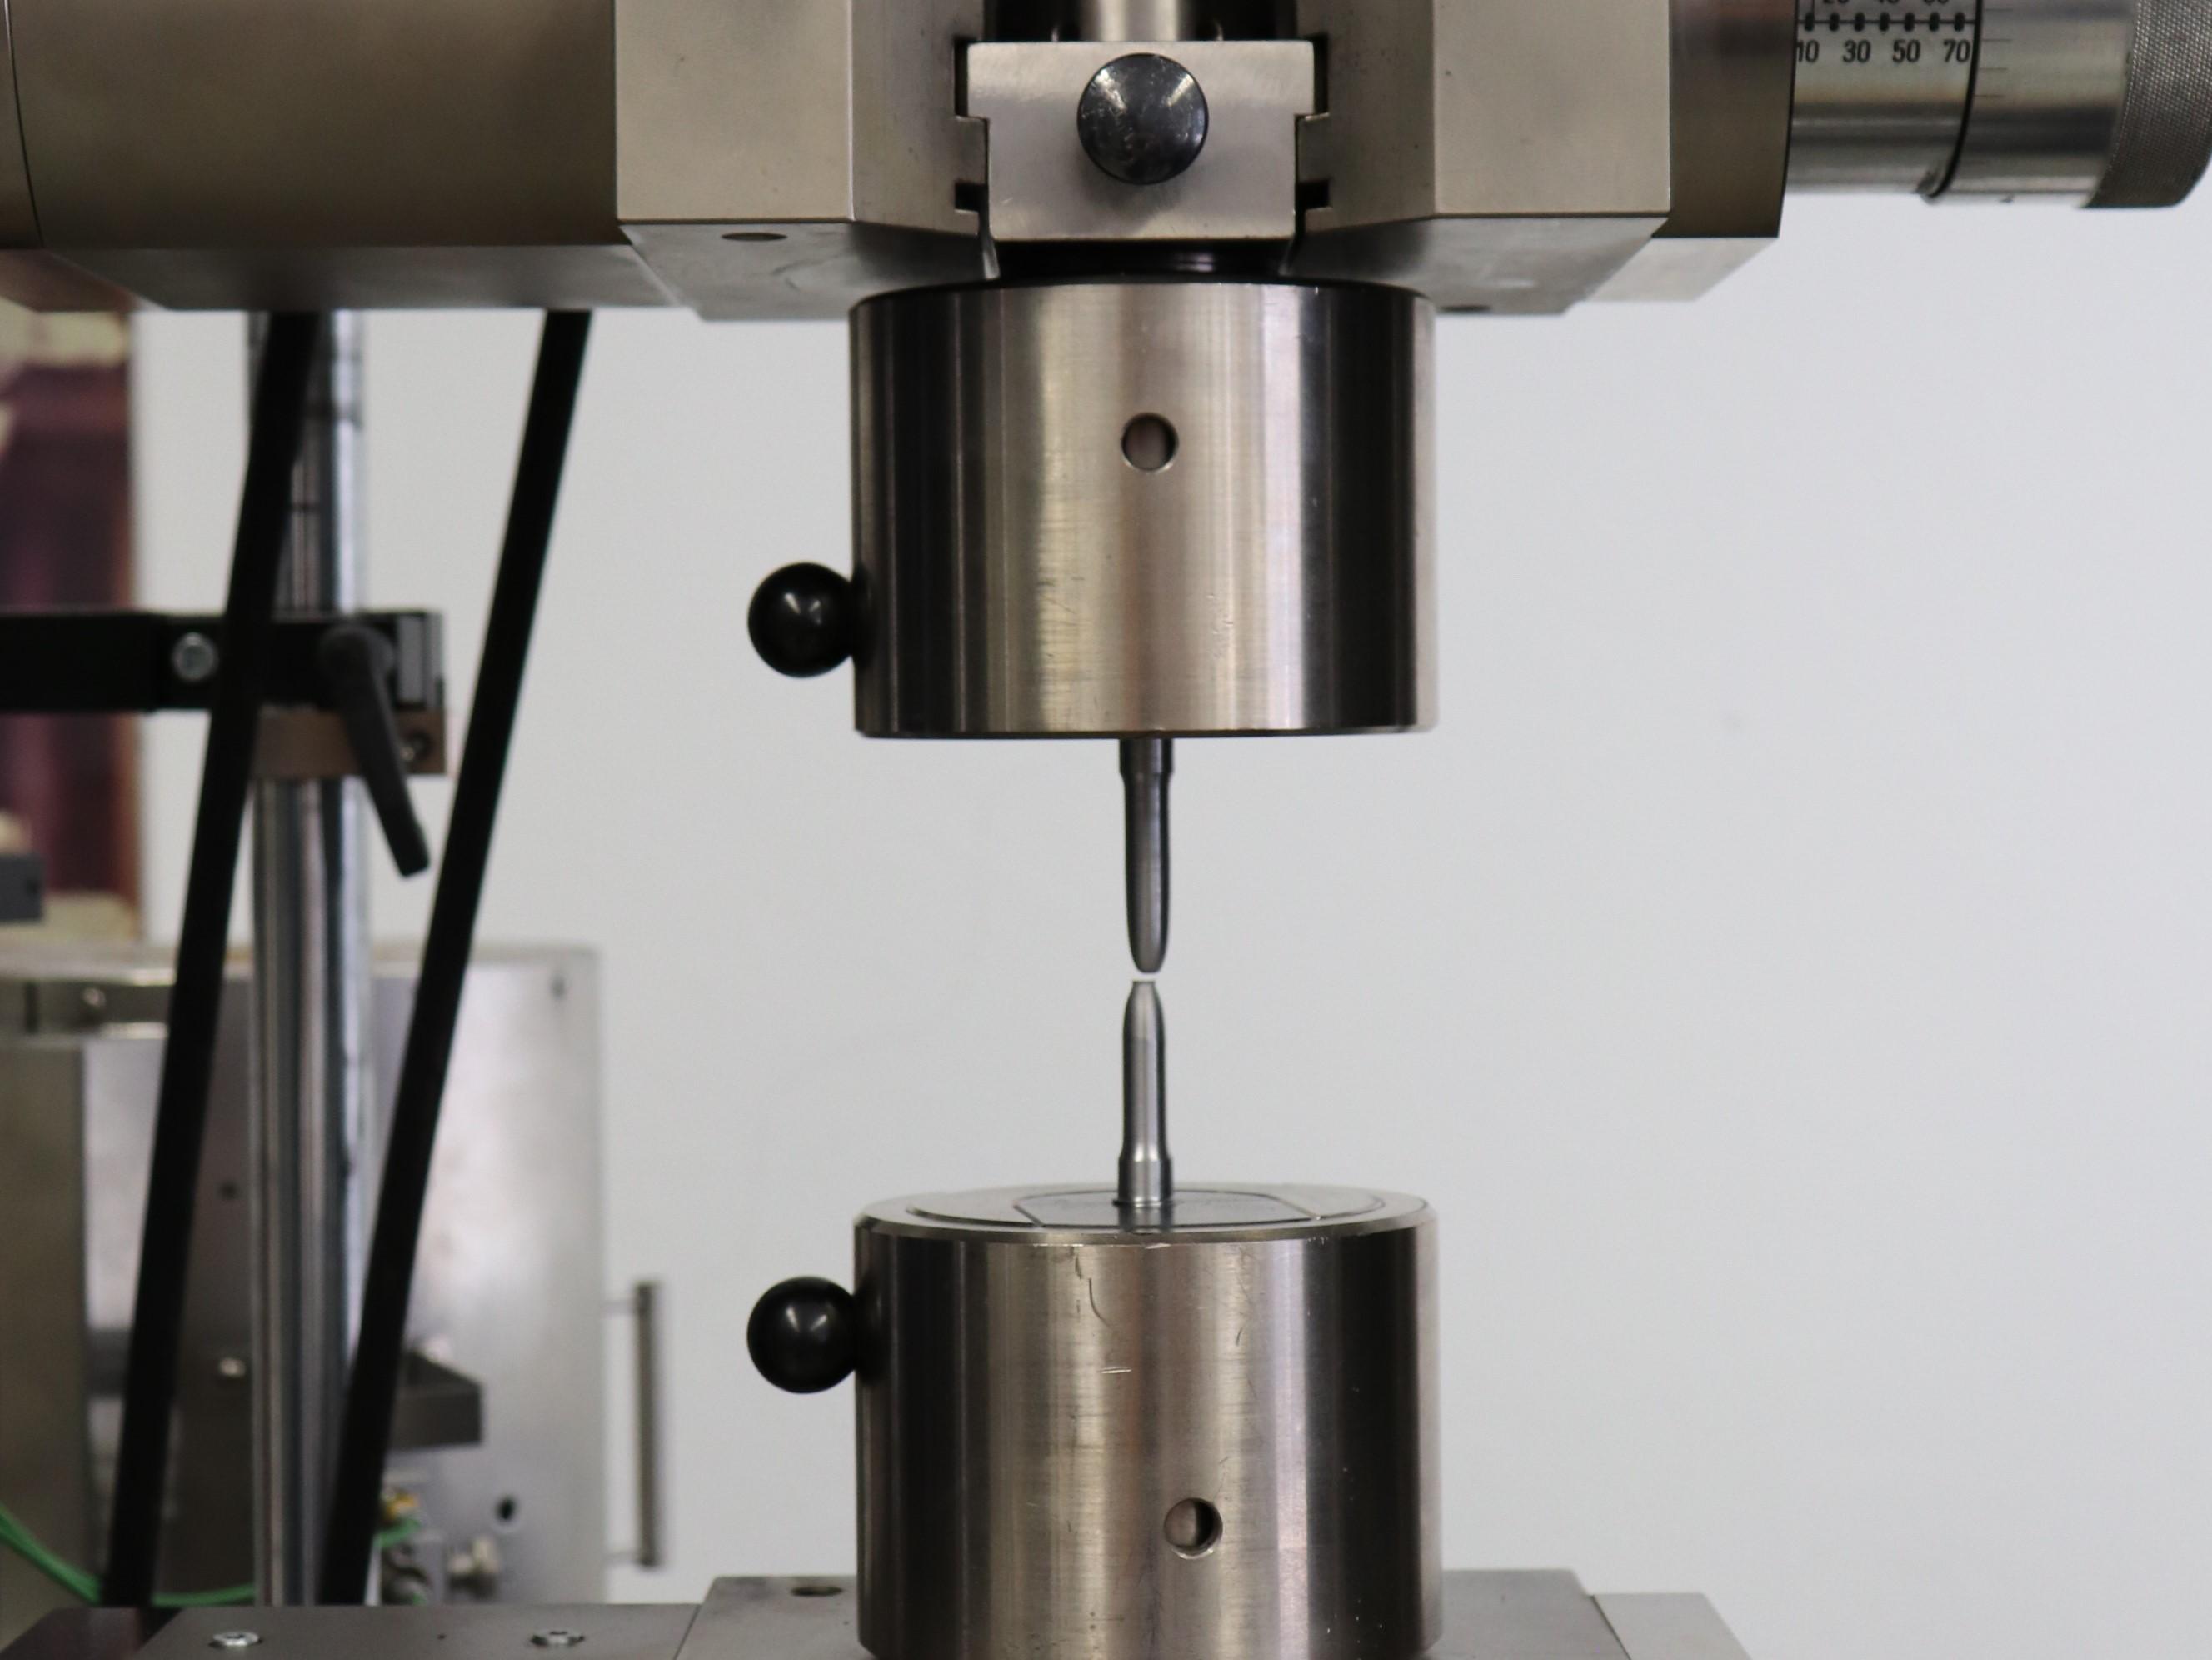 Zugversuch nach DIN EN ISO 6892-1